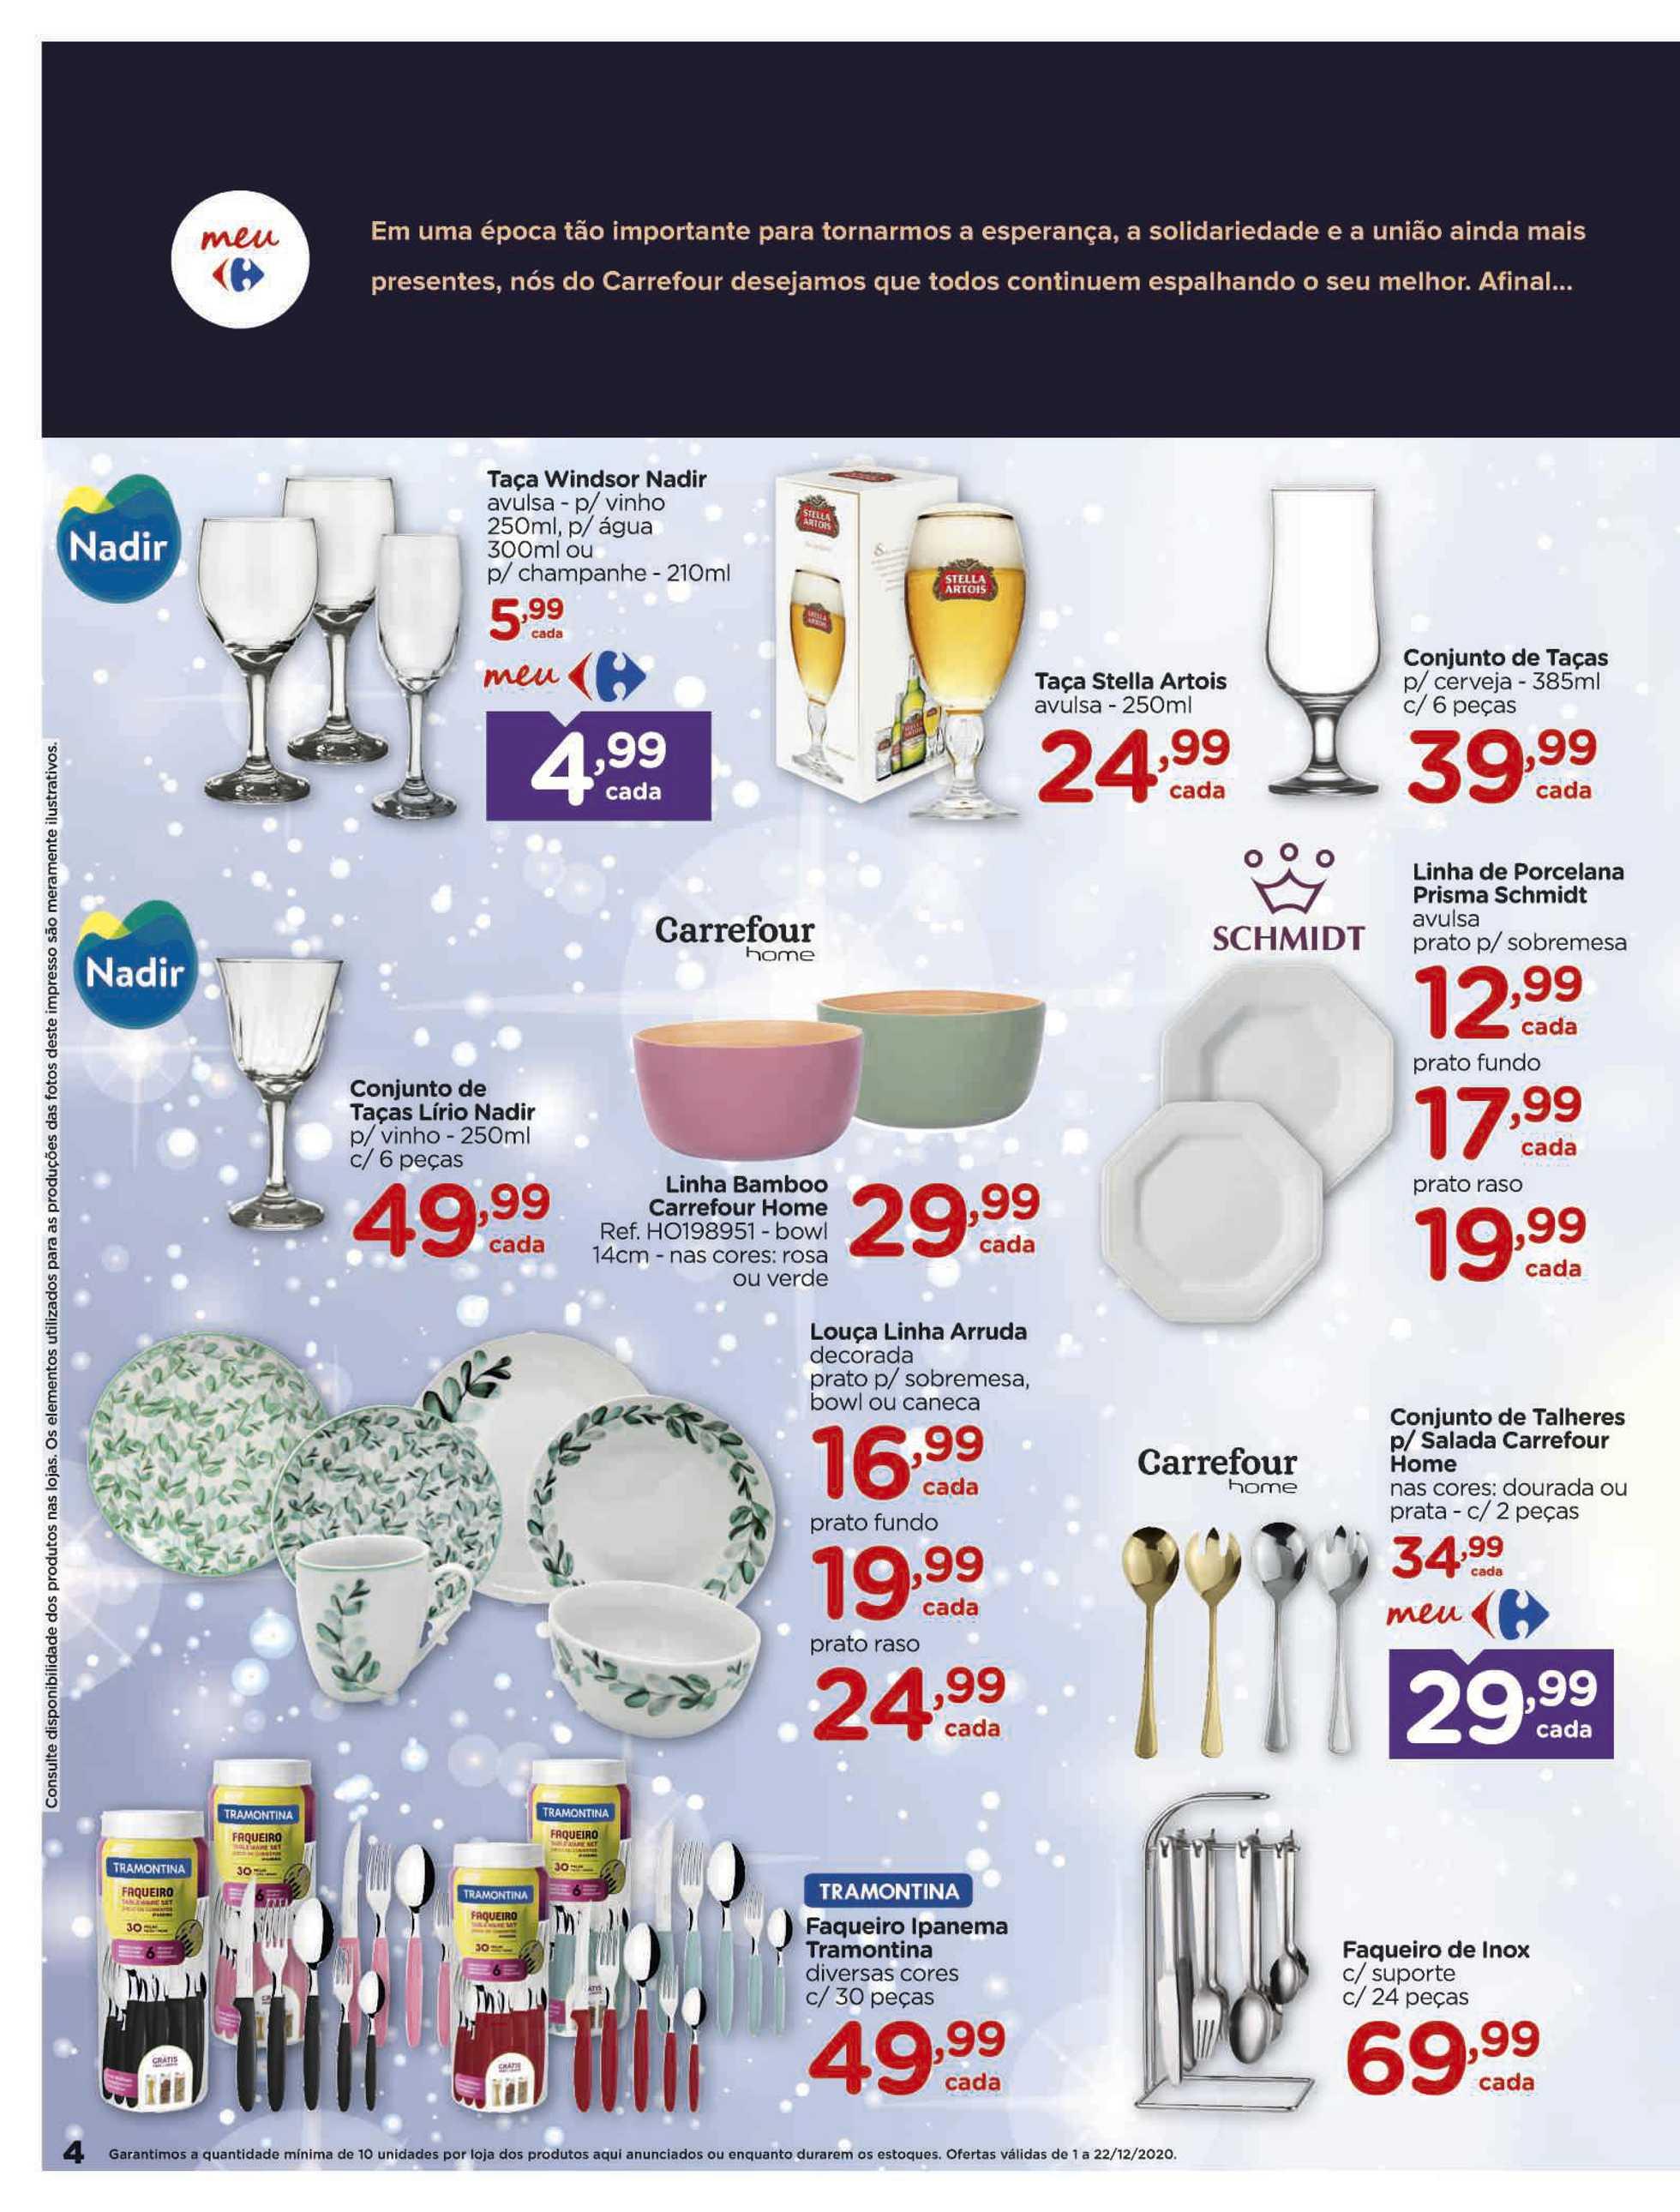 Carrefour - encarte válido de 01.12.2020 até 22.12.2020 - página 4.